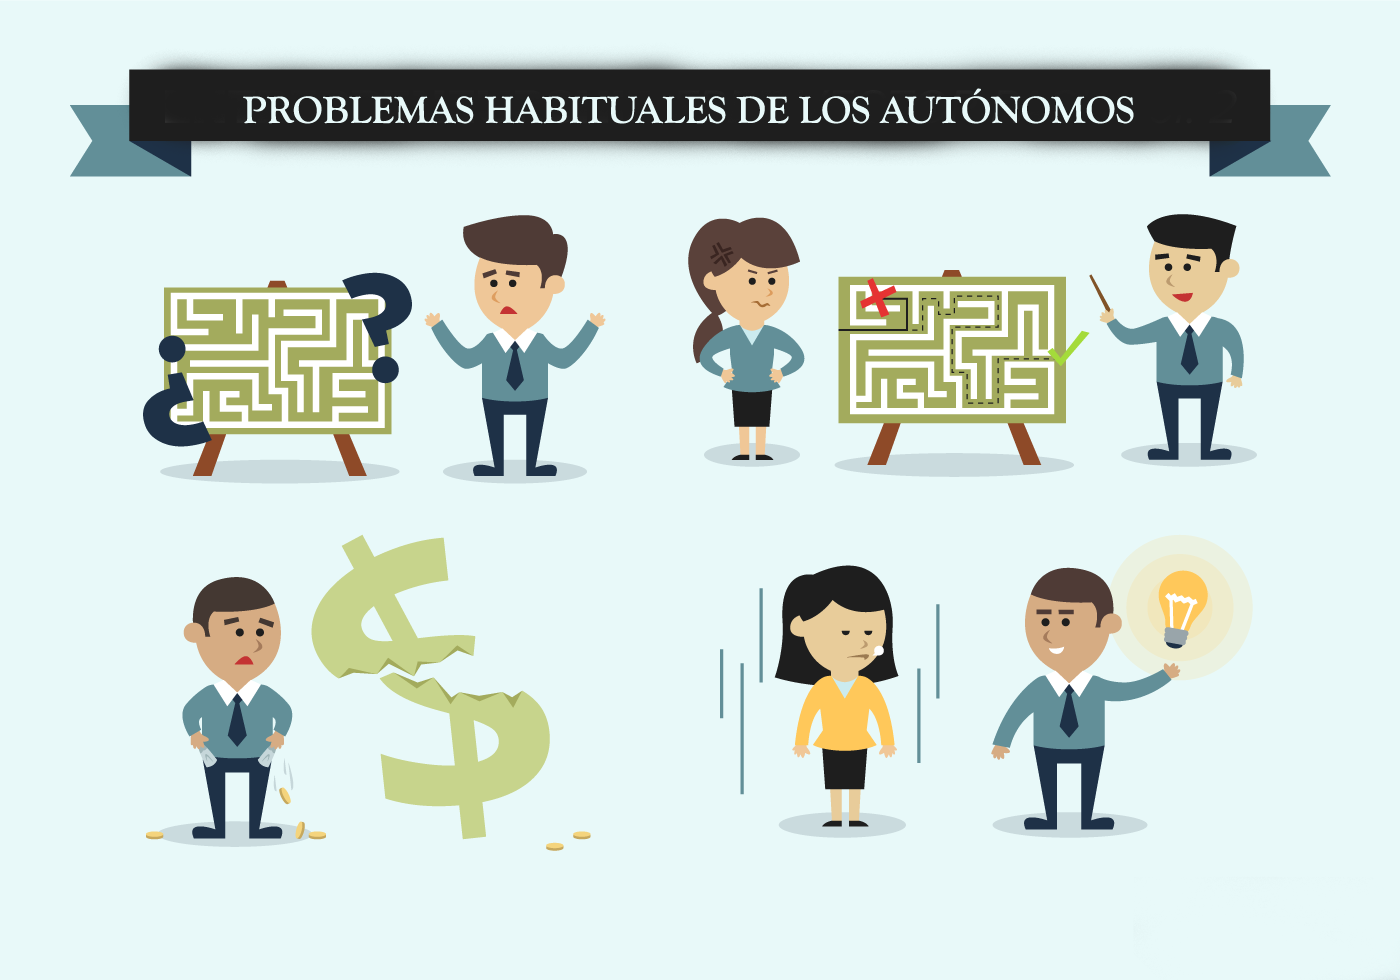 Los problemas más habituales a los que se enfrentan los autónomos y autónomas